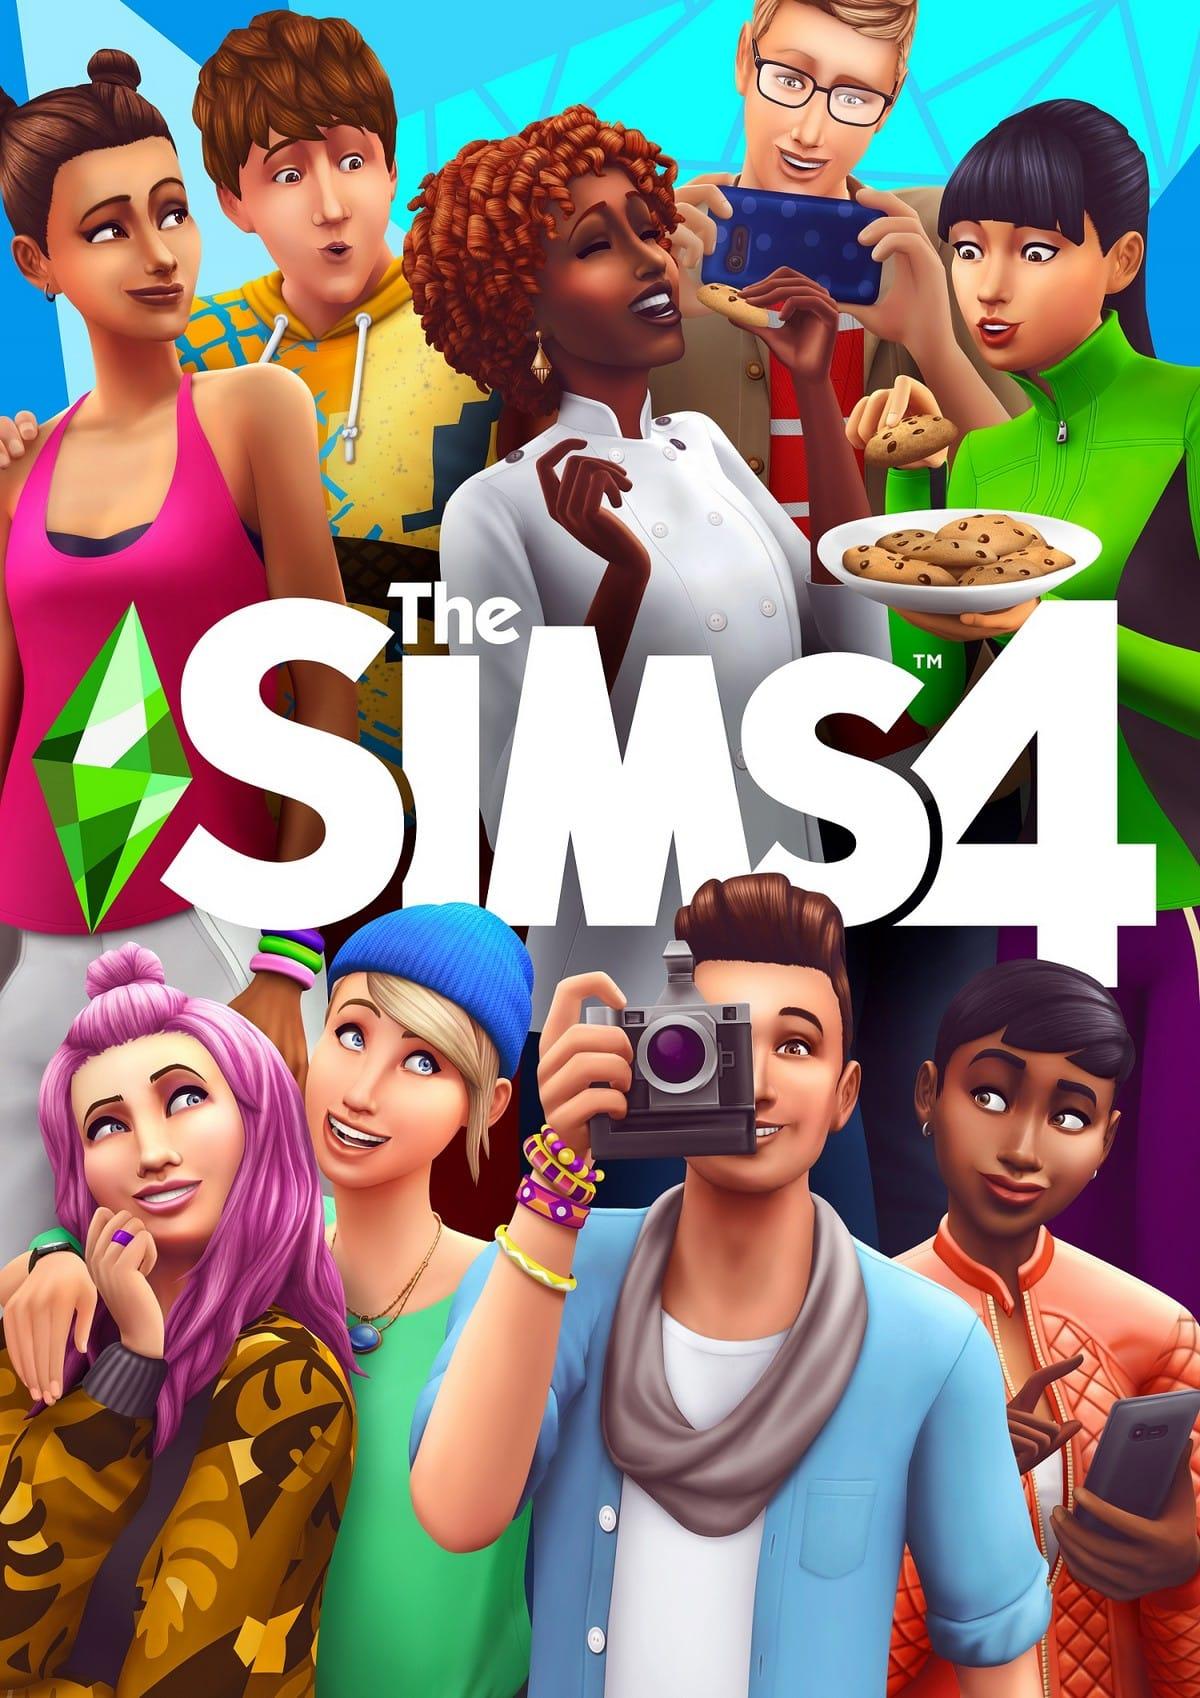 รูป SIMS4 Main Game Key Art RGB MASTER Crop ประกอบเนื้อหา The Sims ฉลองครบรอบ 20 ปีแห่งการเป็นเกมจำลองชี วิต